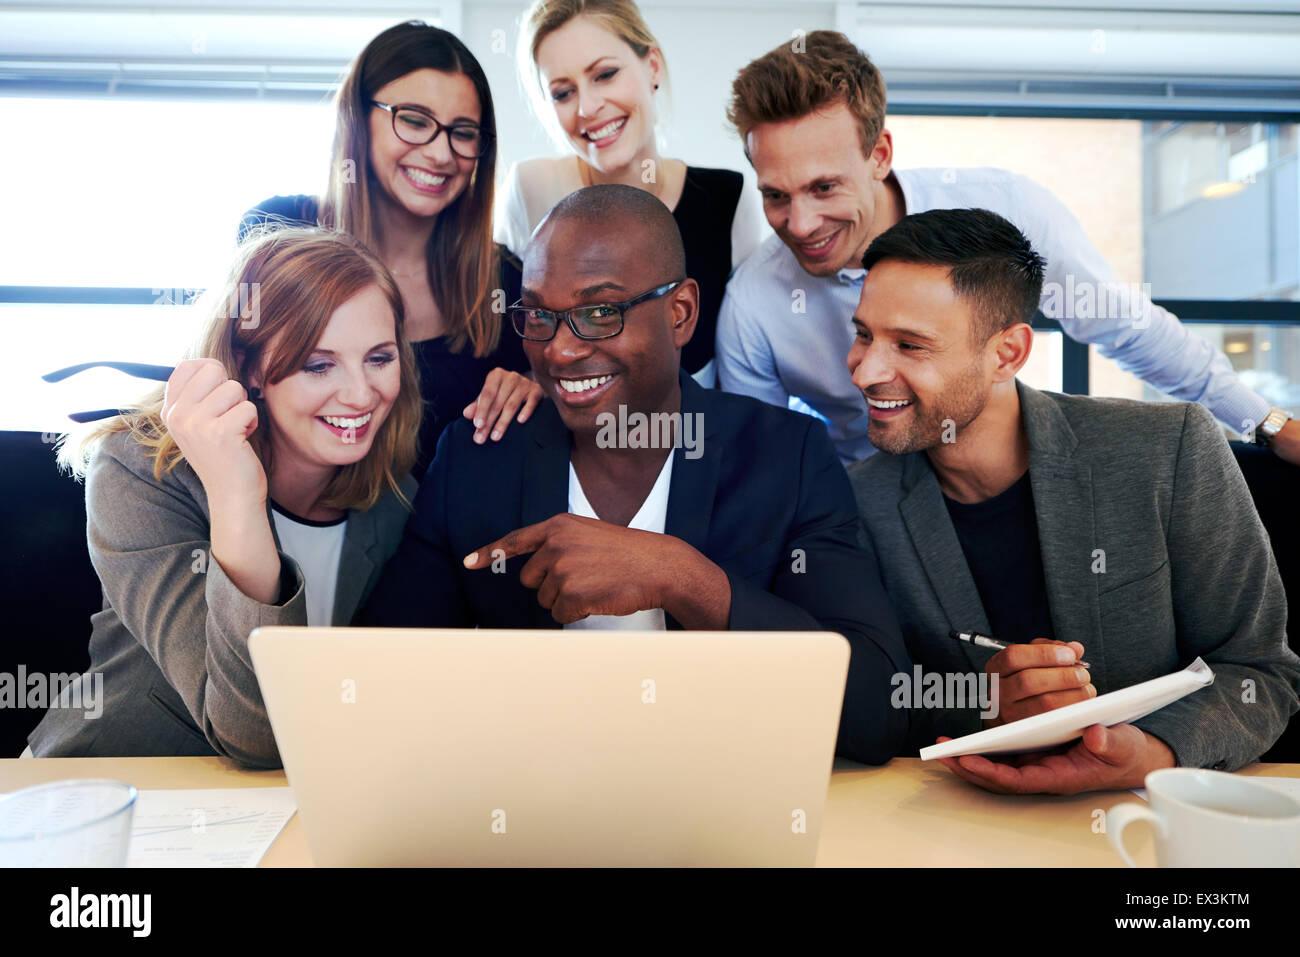 Schwarze männliche Executive lächelnd an Kamera mit Kollegen versammelte sich um ihn und Laptop Stockbild